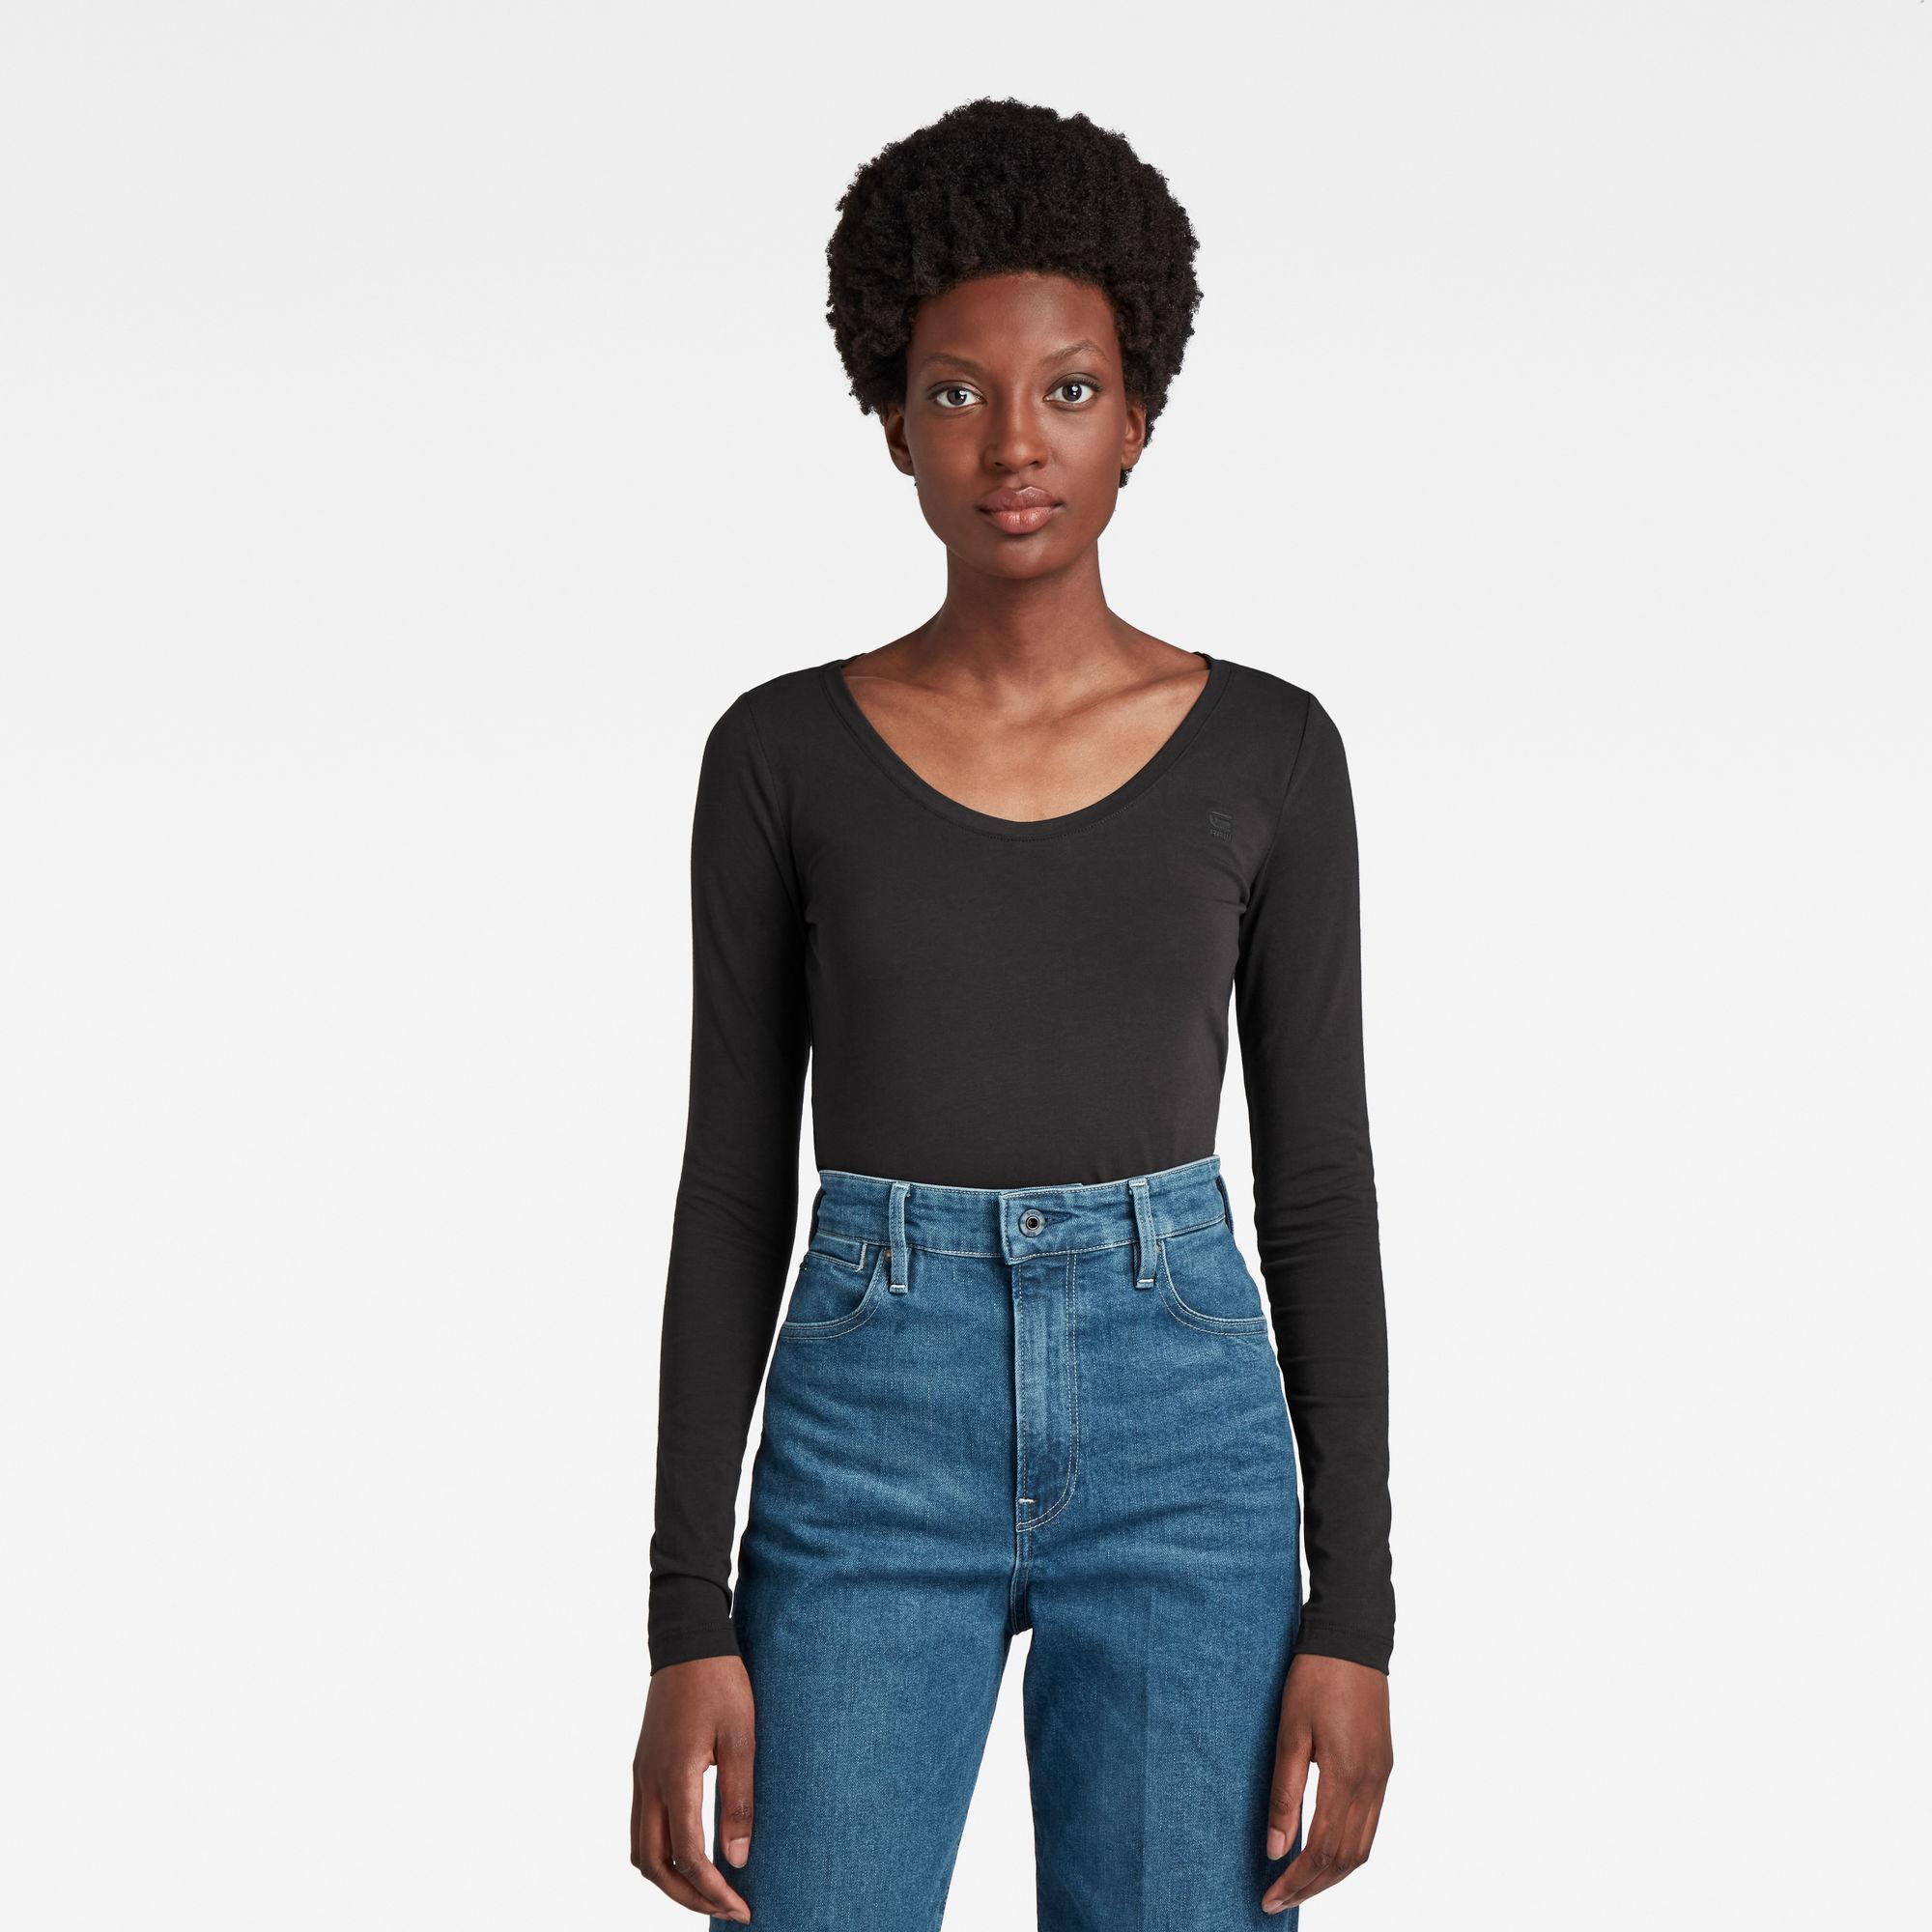 G-Star RAW Dames Basic Round Neck T-Shirt Zwart